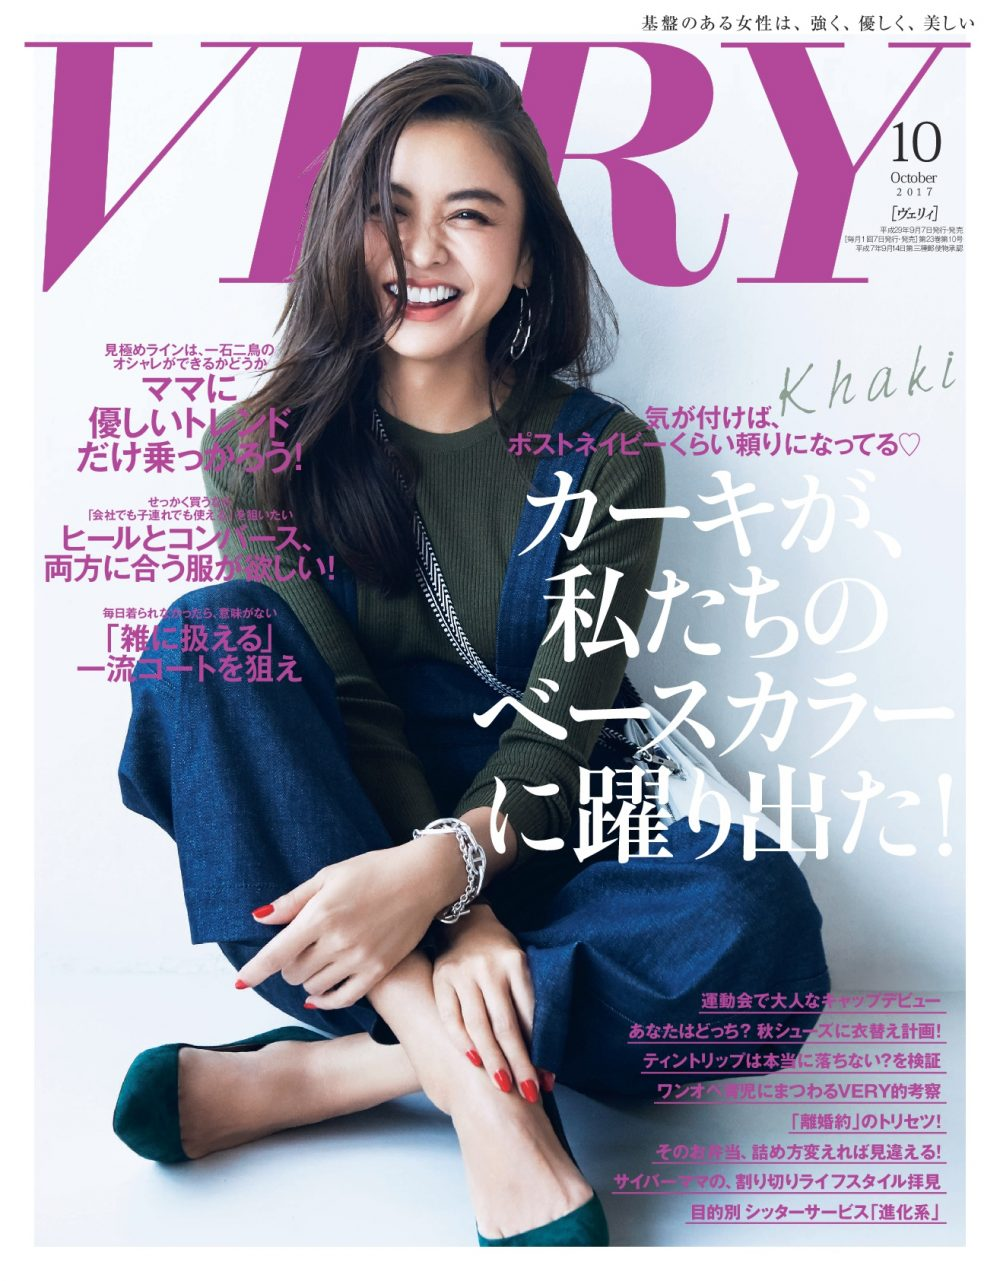 2017/09/VERY_201710_001-001.jpg